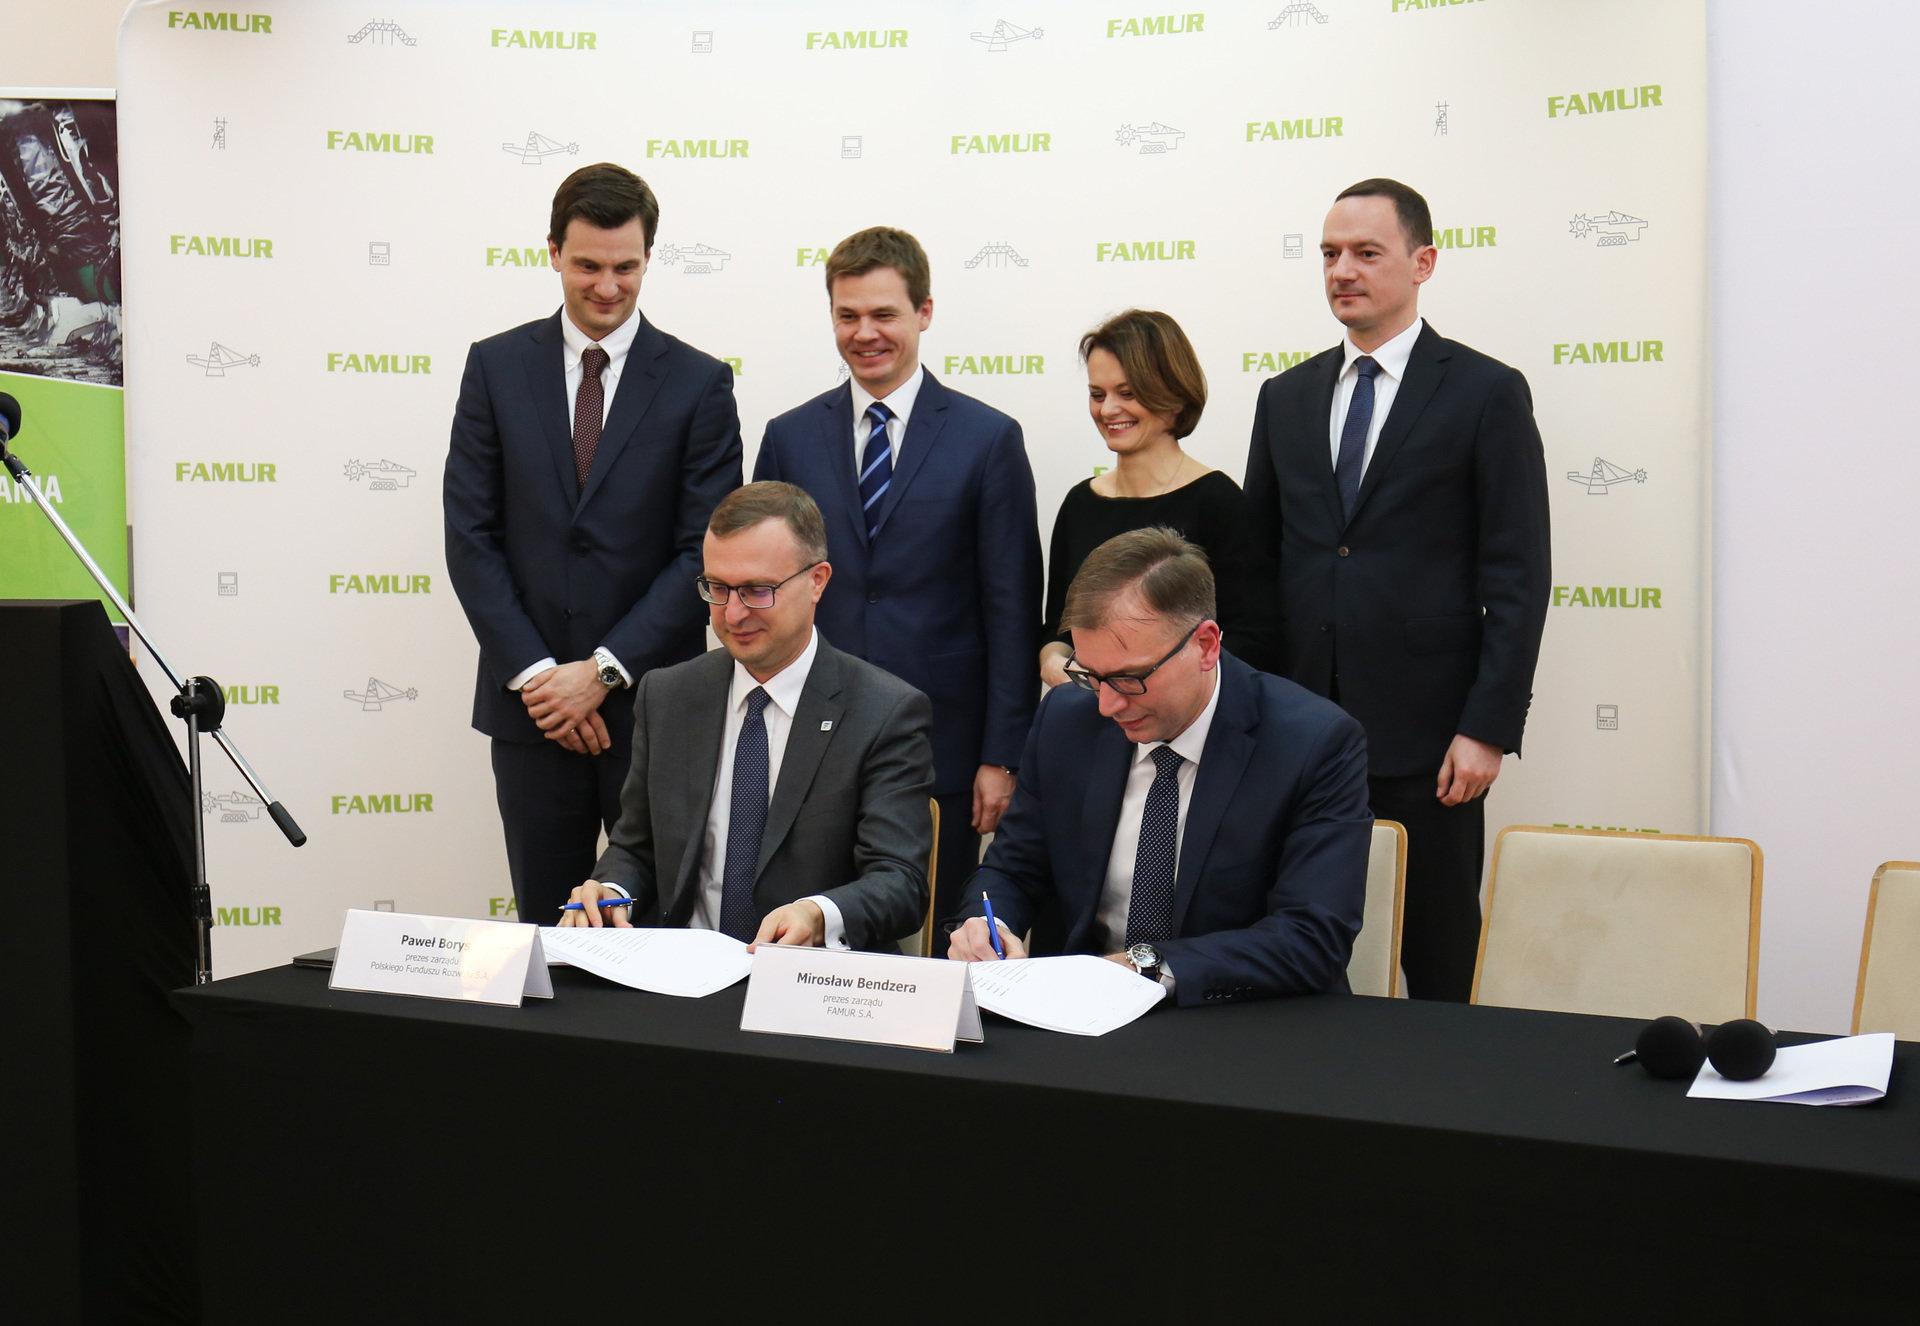 FAMUR S.A. oraz Polski Fundusz Rozwoju rozpoczynają współpracę na rzecz modernizacji polskiej branży wydobywczej